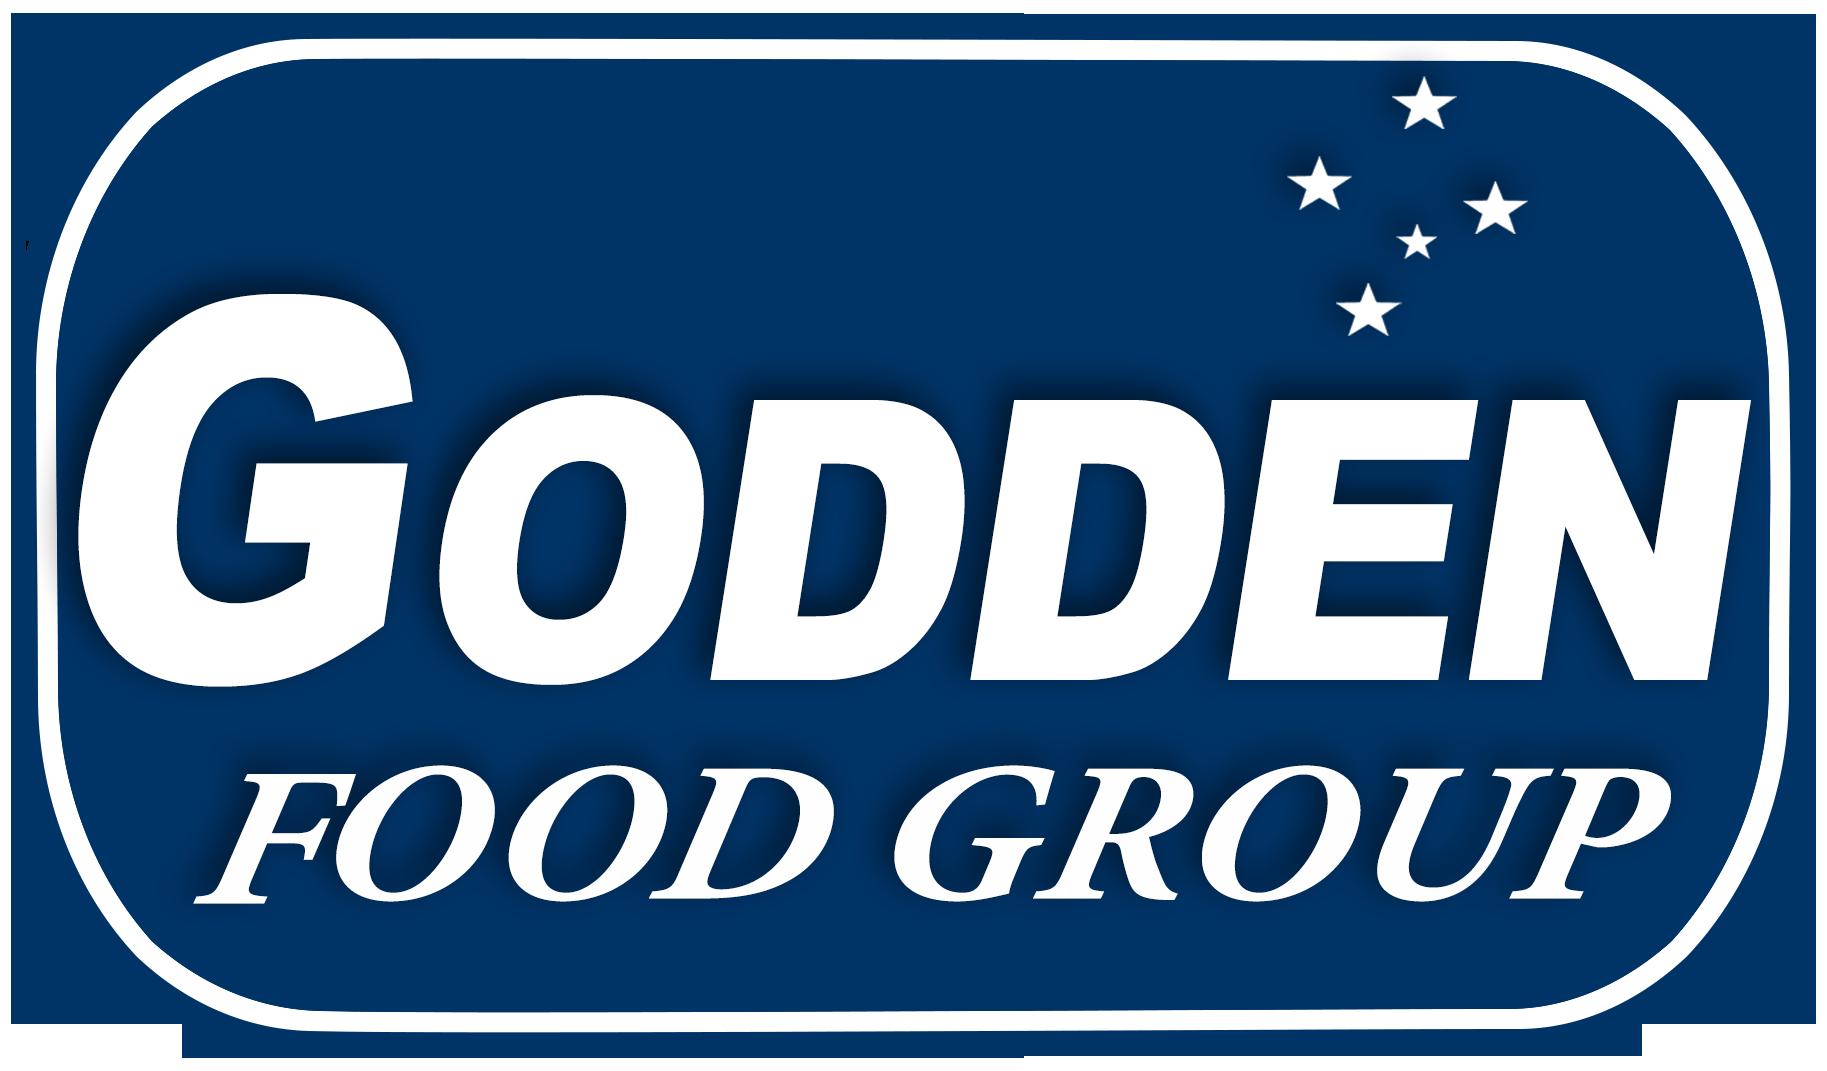 Find a Distributor - NAFDA Foodservice